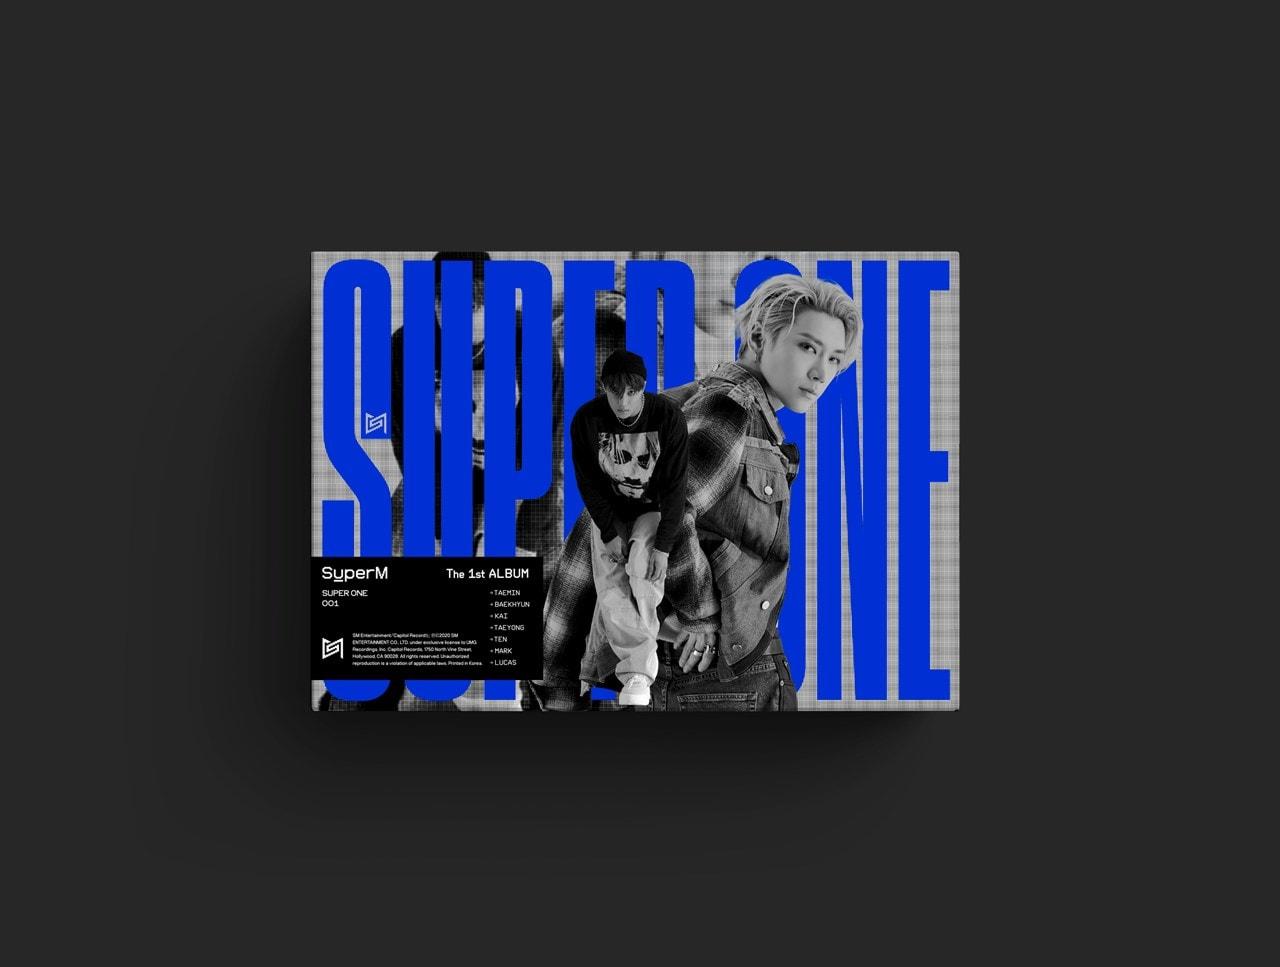 The 1st Album - Super One (Unit C Ver.) - 1